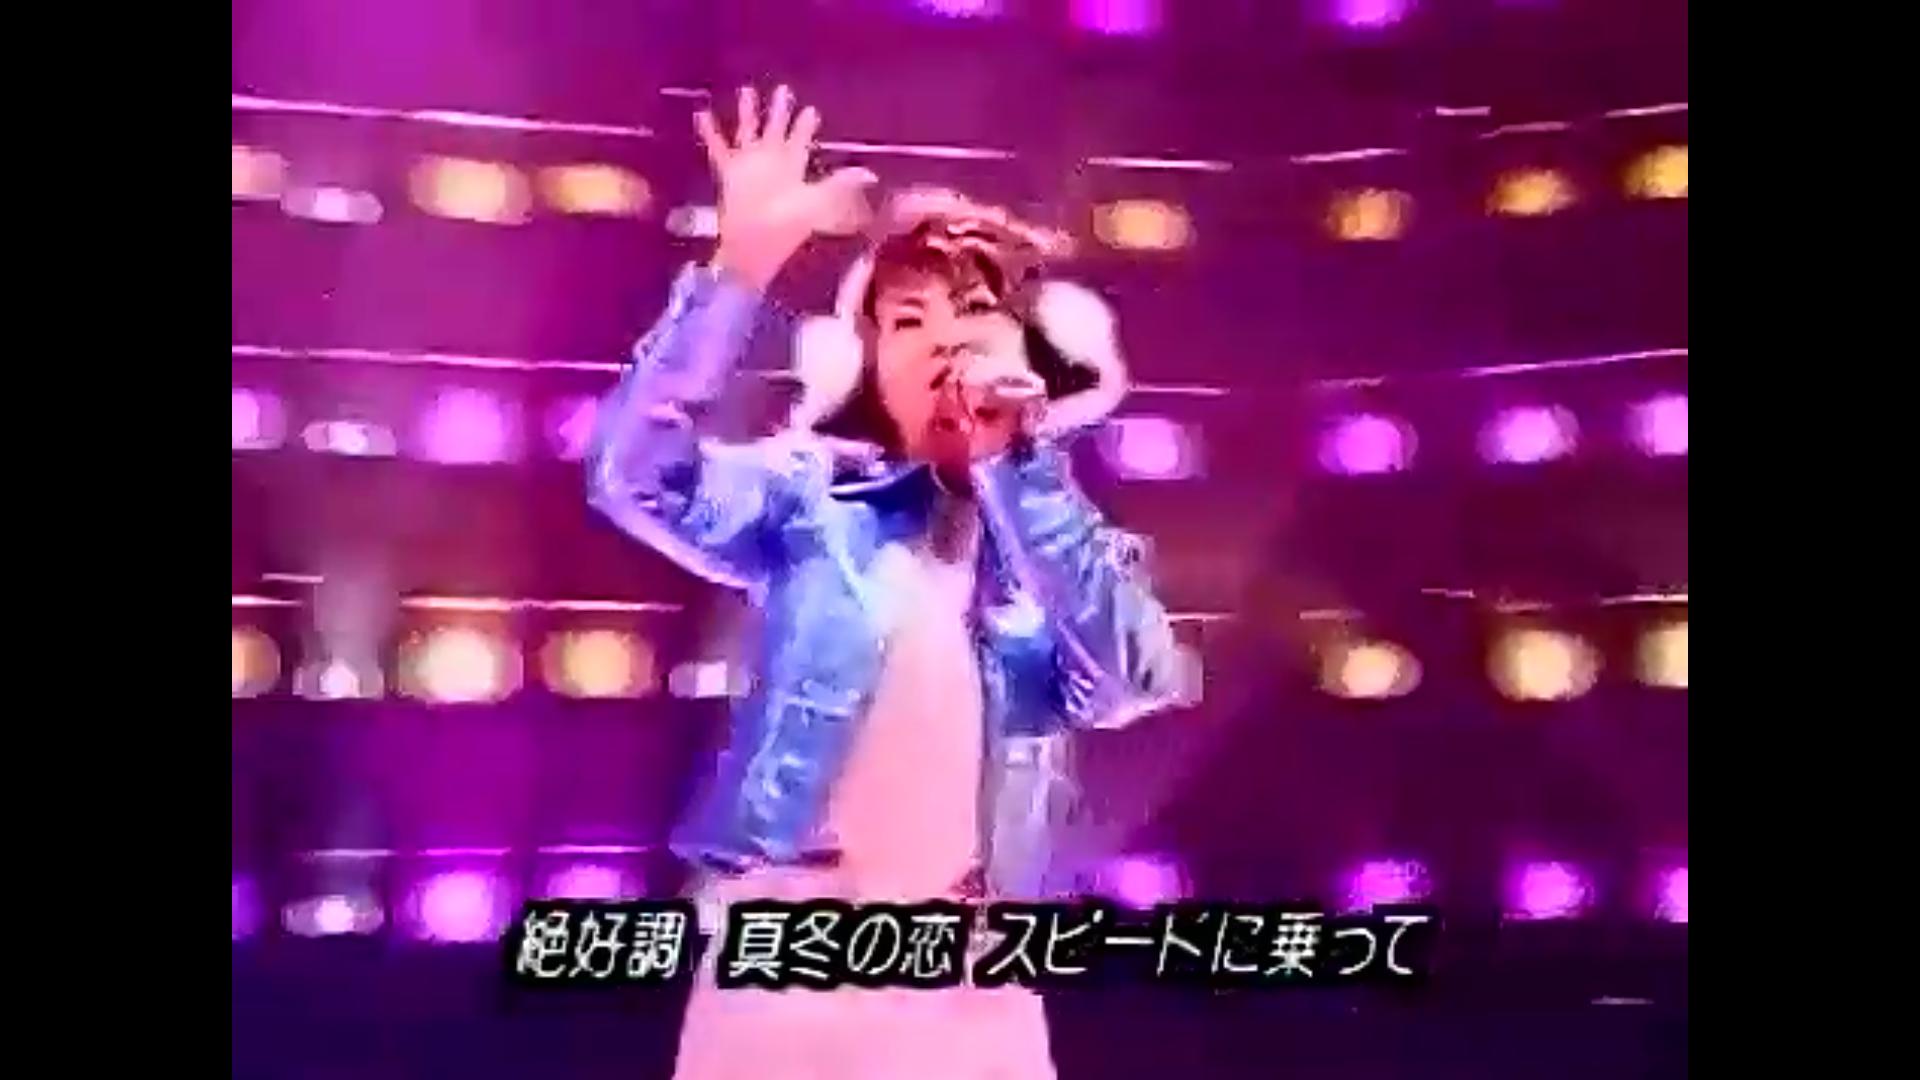 広瀬香美が好きな人&好きな曲